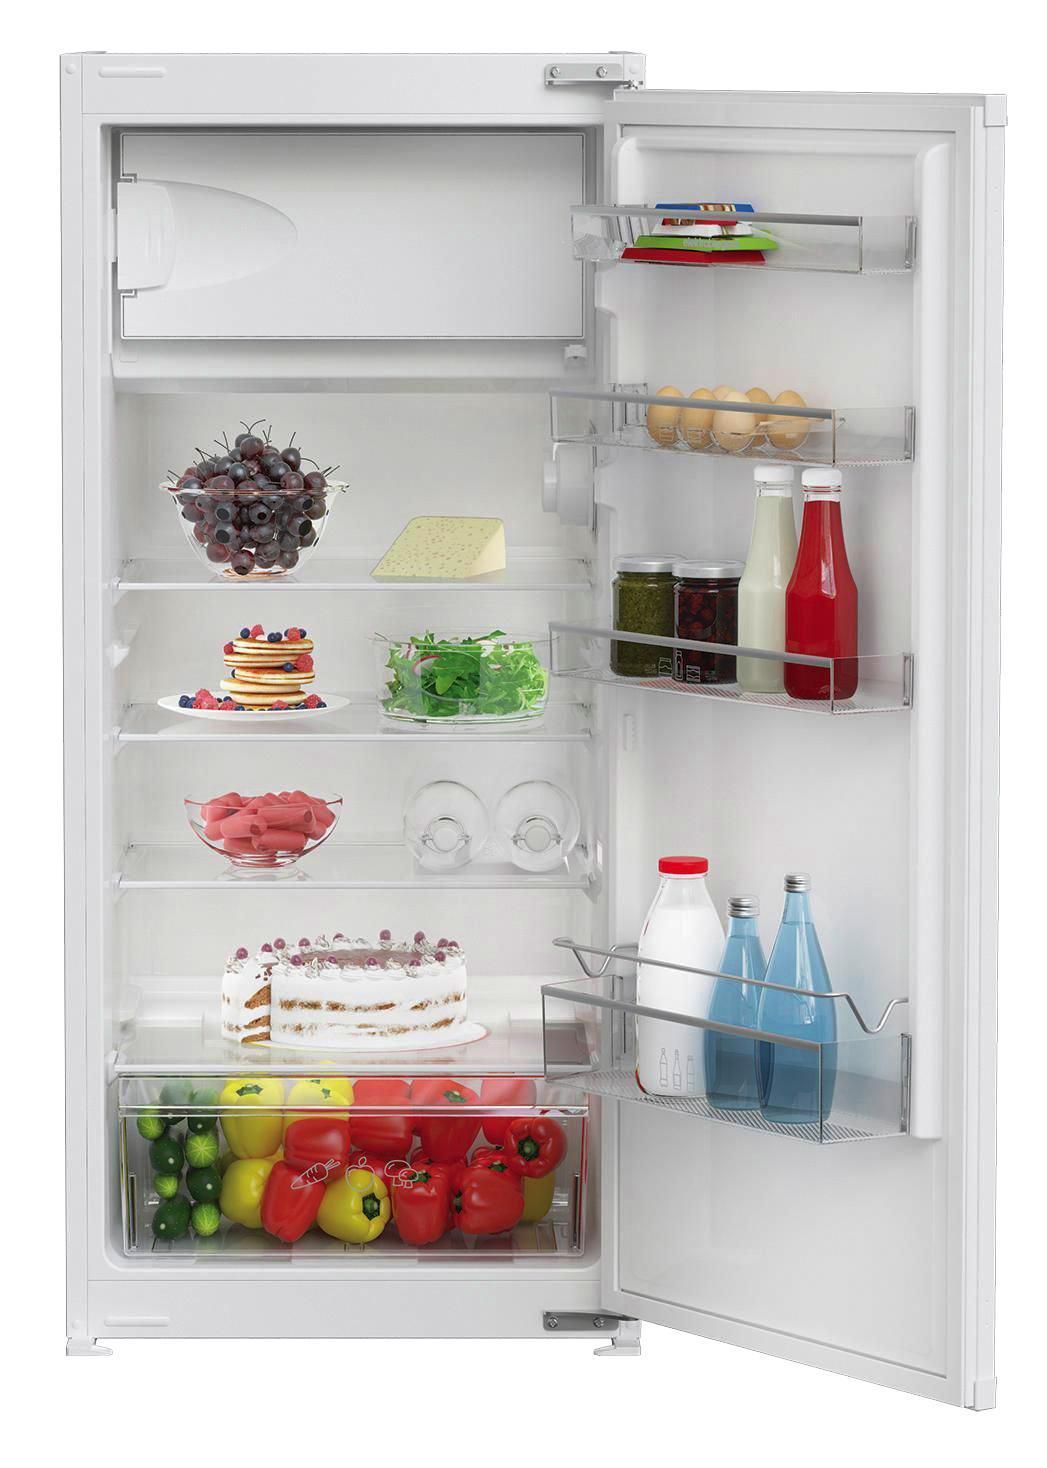 Gorenje Kühlschrank Orb 153 A 154 Cm Hoch : Kühlschrank ki online kaufen ➤ möbelix